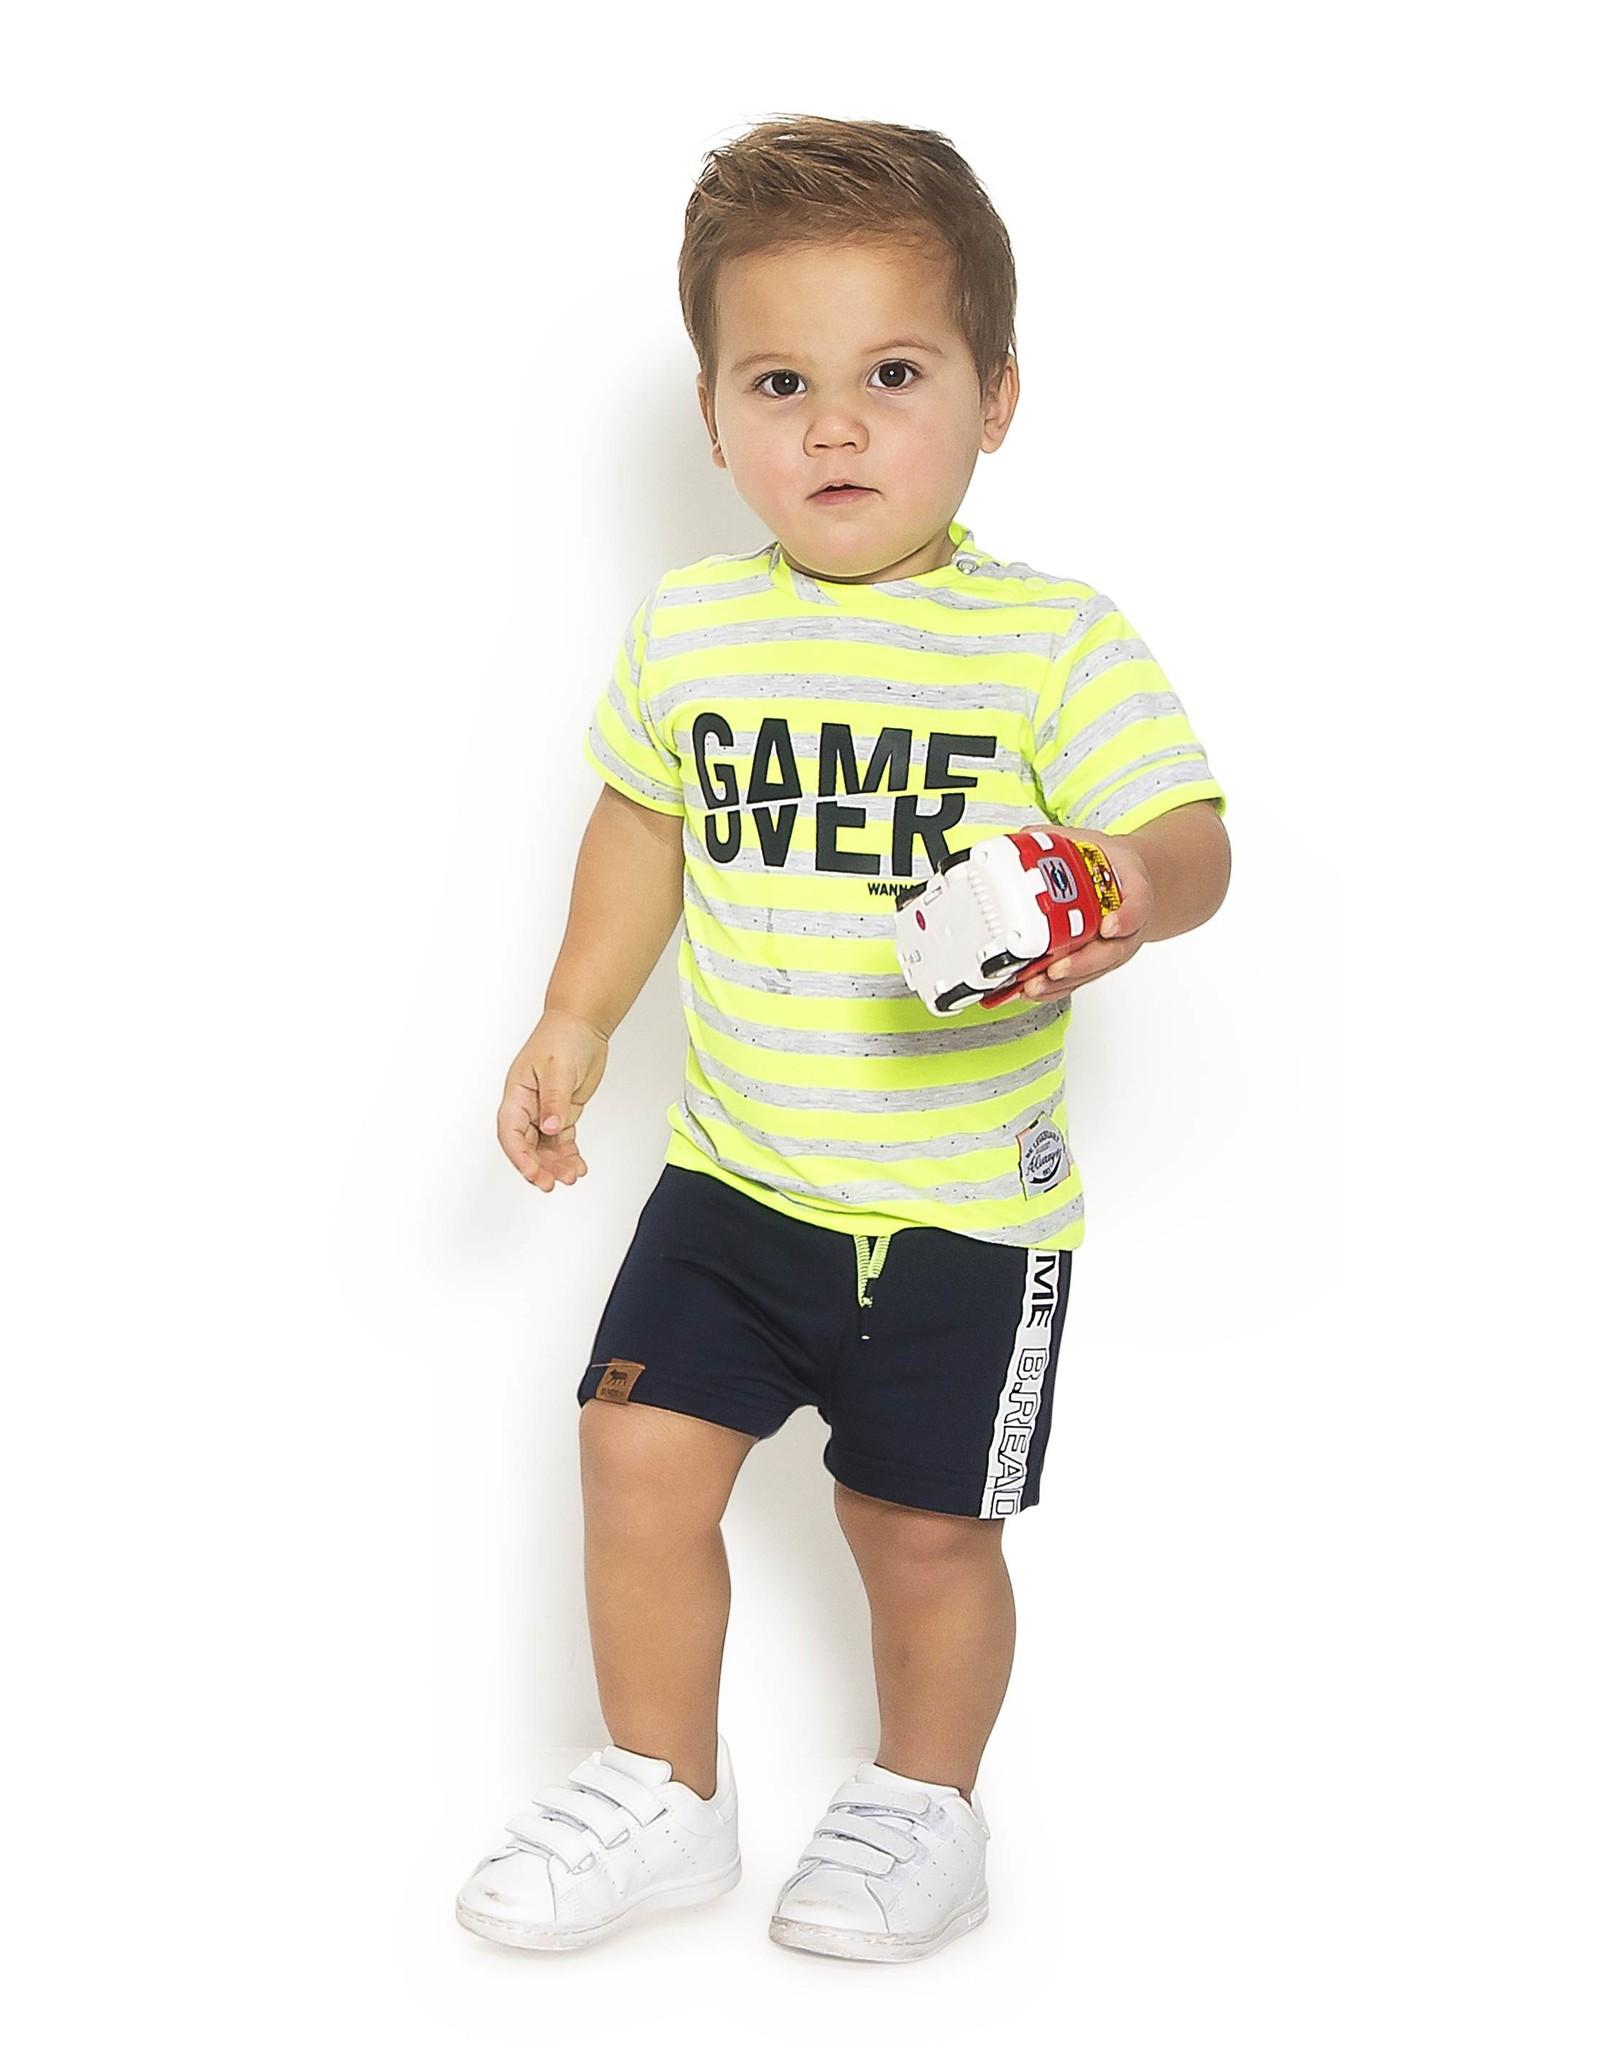 B.Nosy B.Nosy Baby Boys Stripe Shirt Game Over Neon Yellow